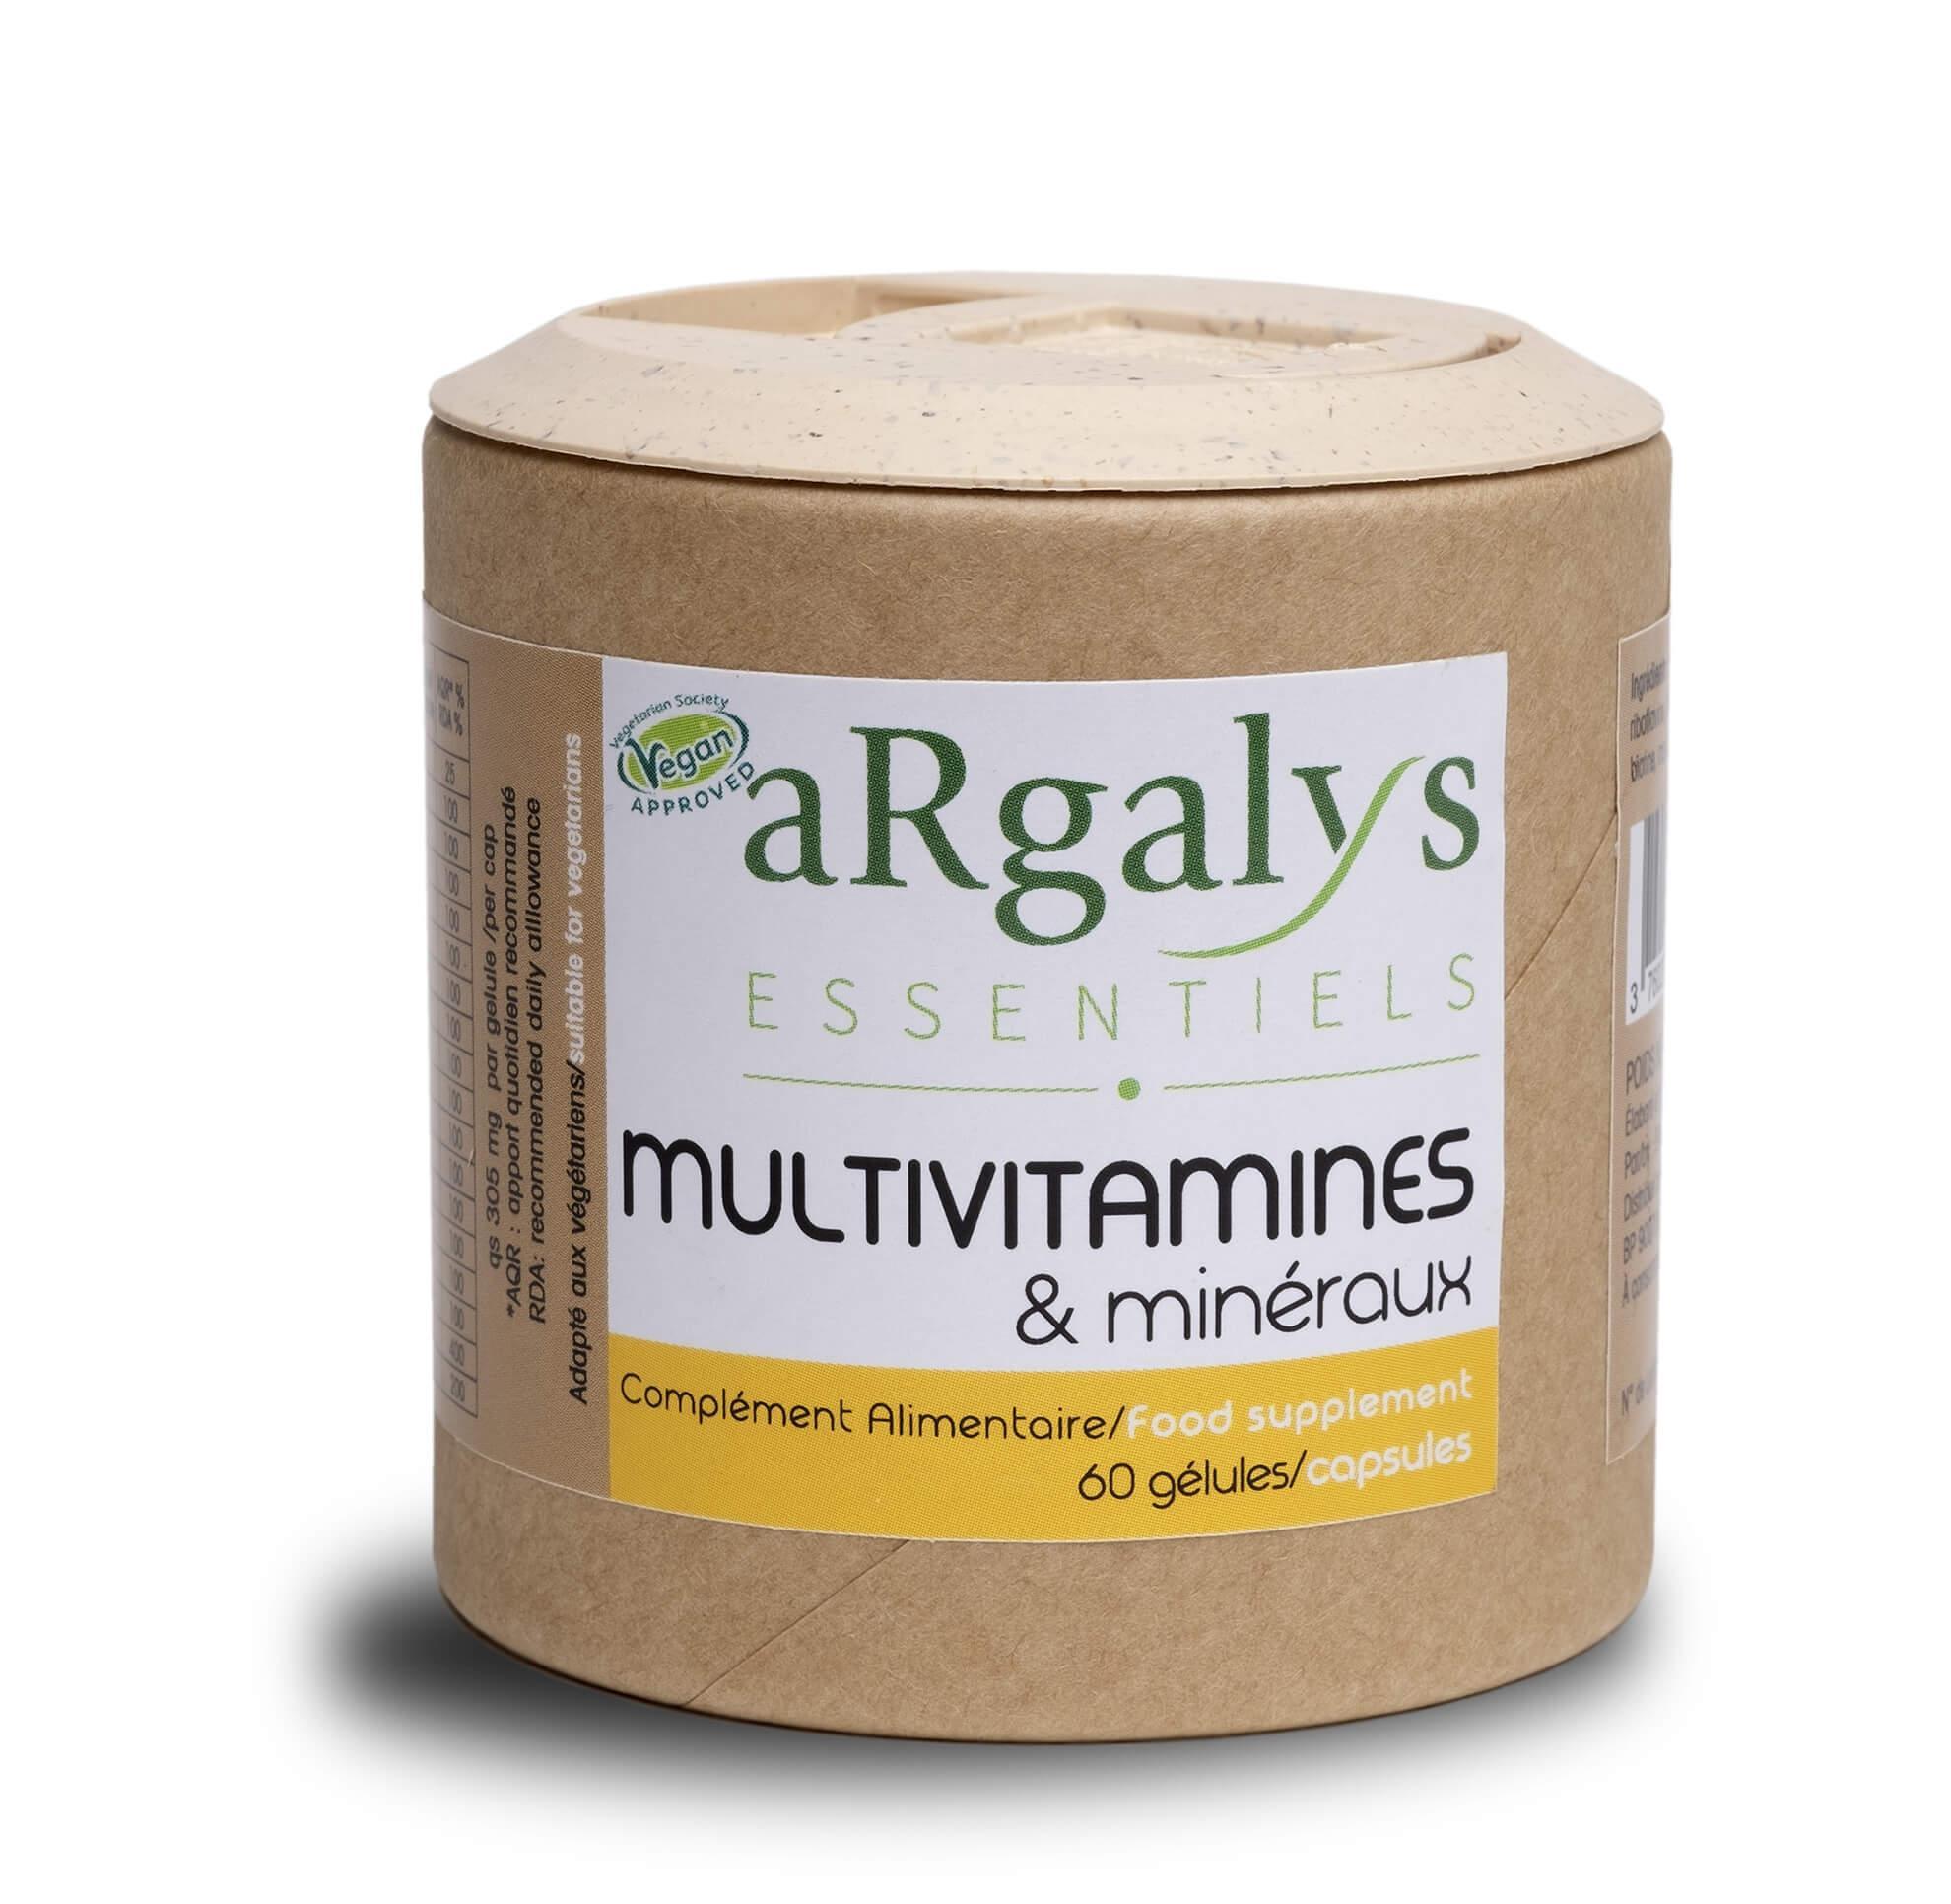 img-argalys-multivitamines-et-mineraux-60-gelules-vegan